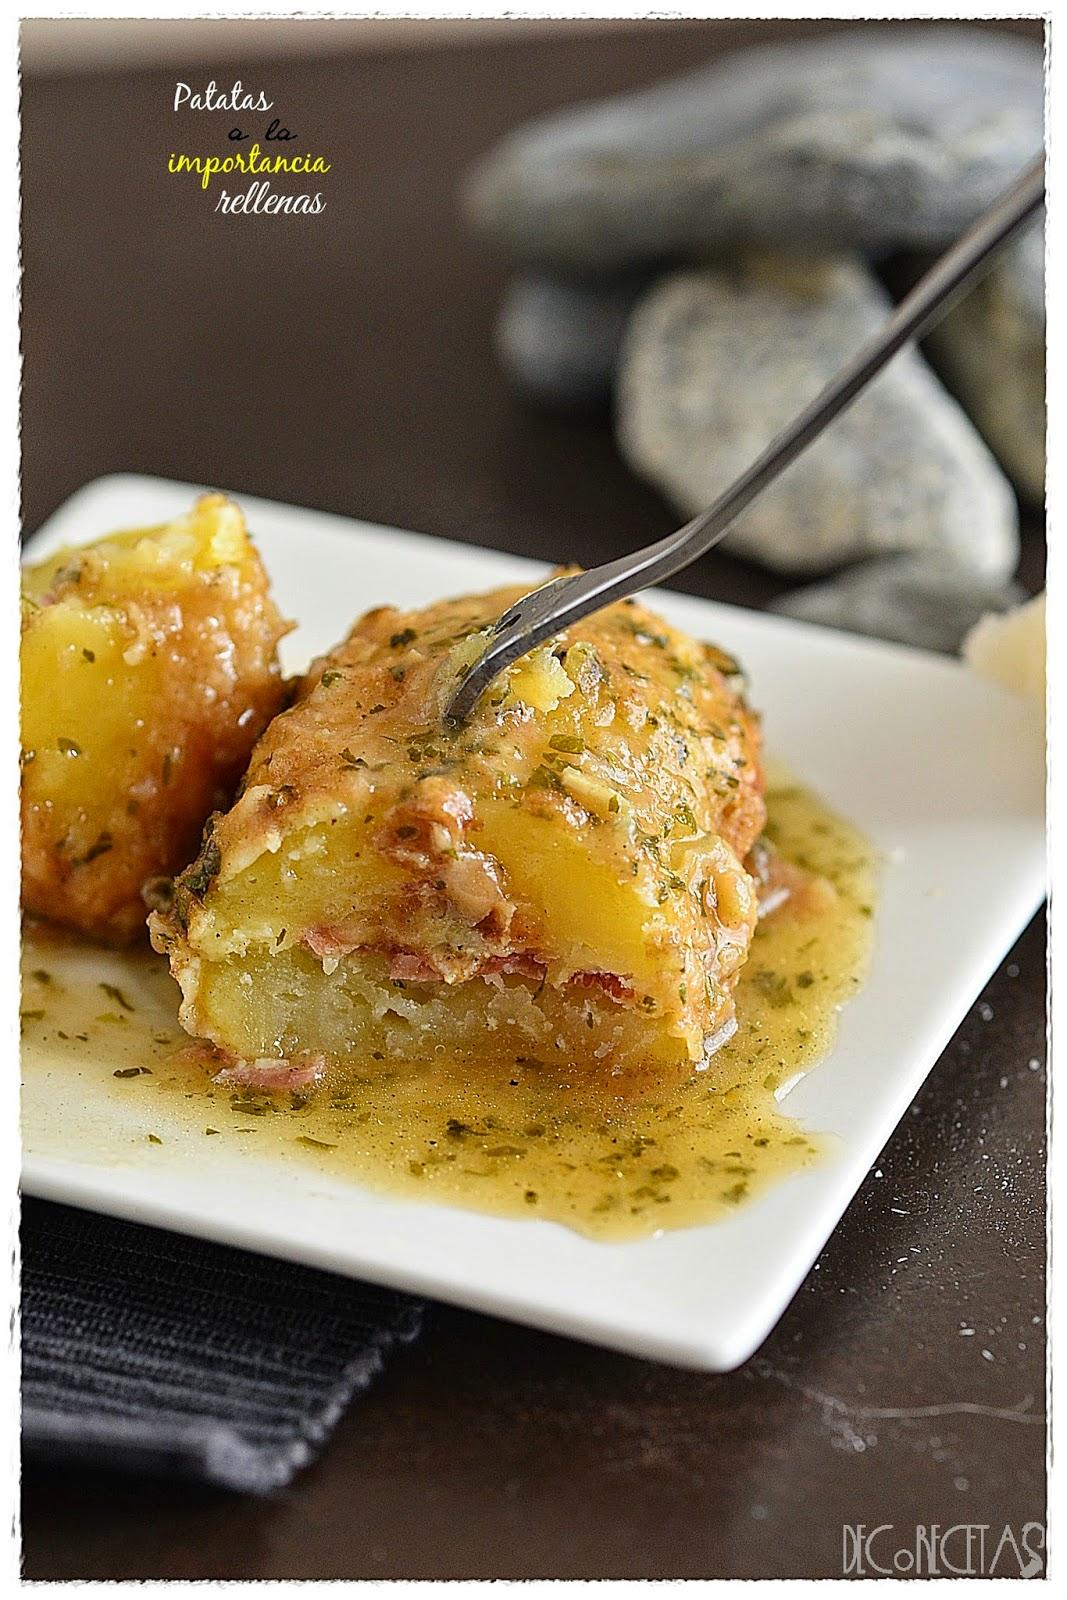 Patatas a la importancia rellenas